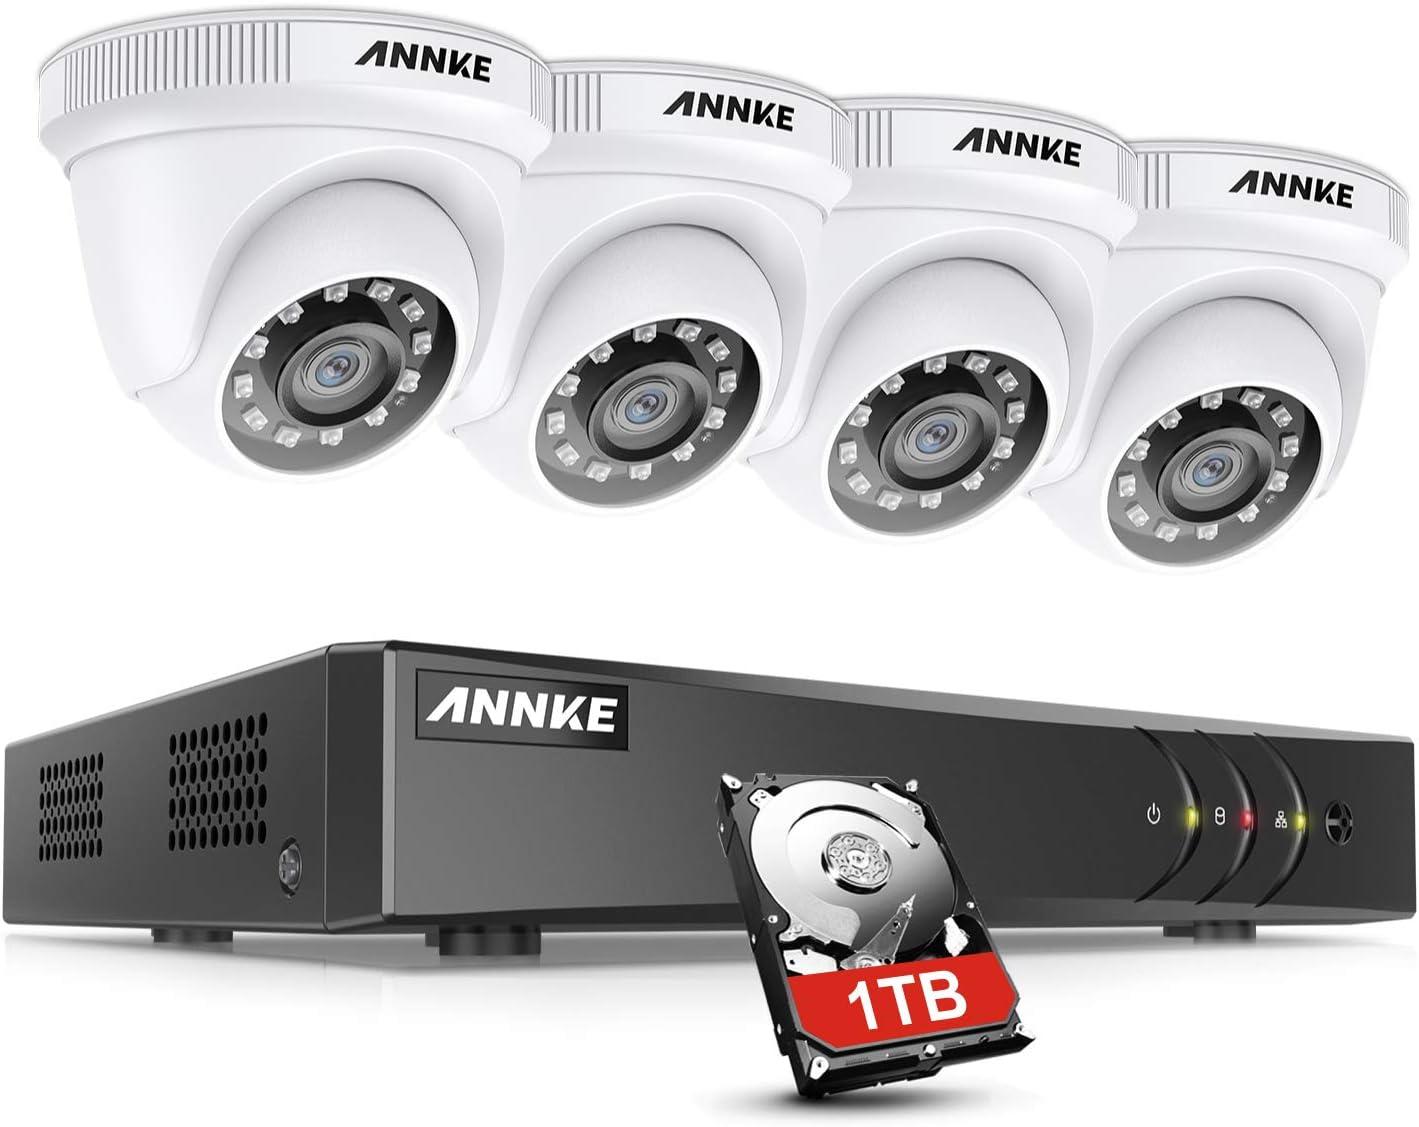 ANNKE Kit Sistema de Seguridad CCTV Cámara de vigilancia 4CH 3MP H.264+ DVR con 4 Cámaras 1080P IP66 Impermeable Visión Nocturna No-Ruido Alerta por Correo electrónico con instantáneas